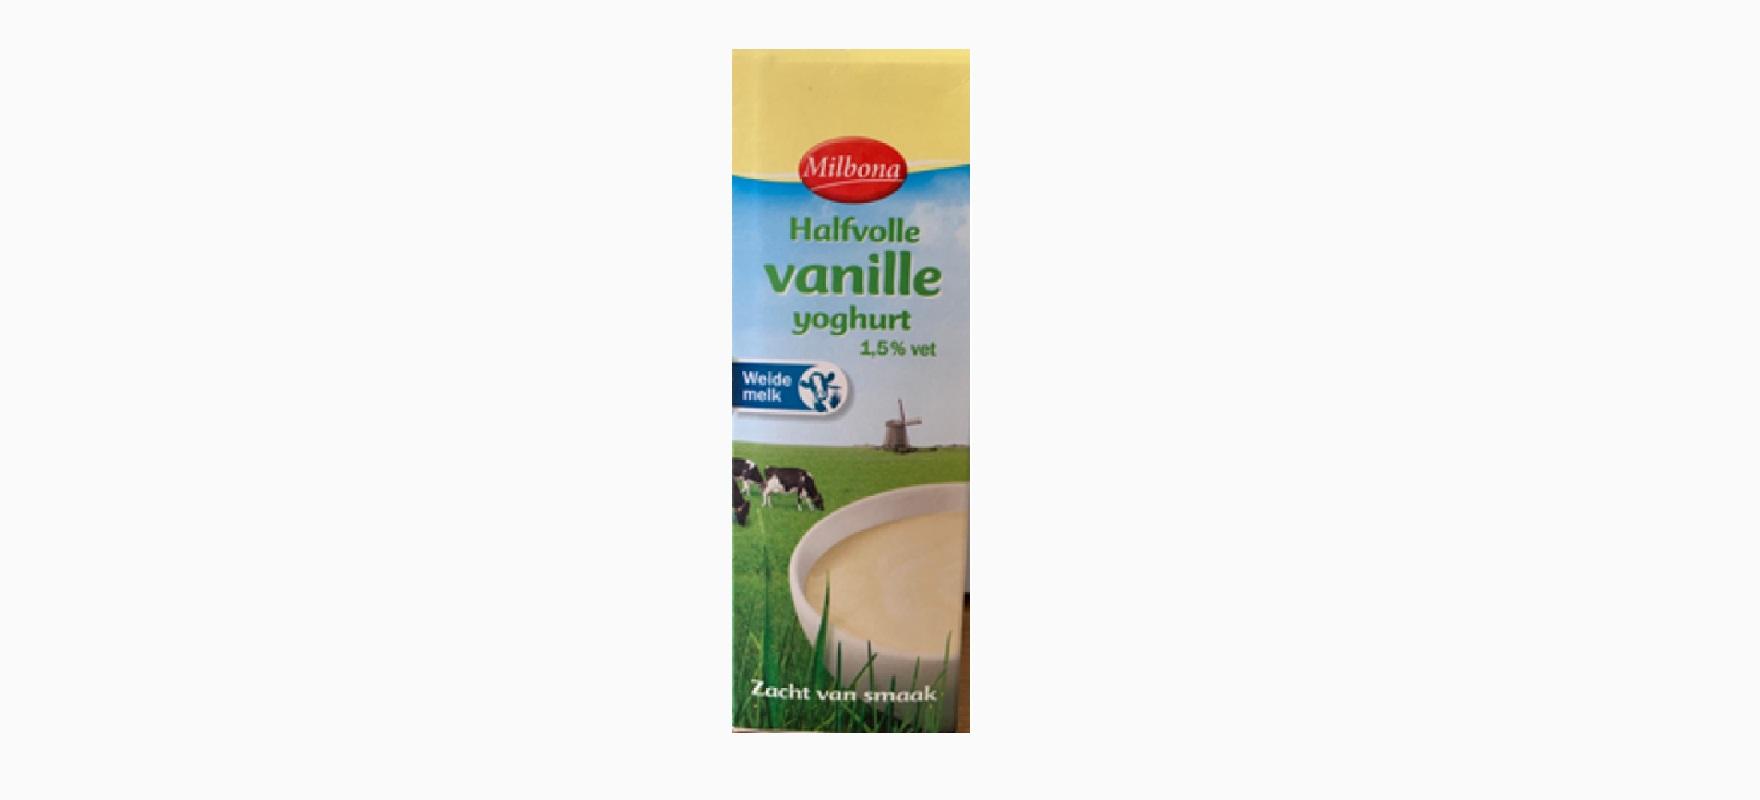 Lidl terugroep yoghurt